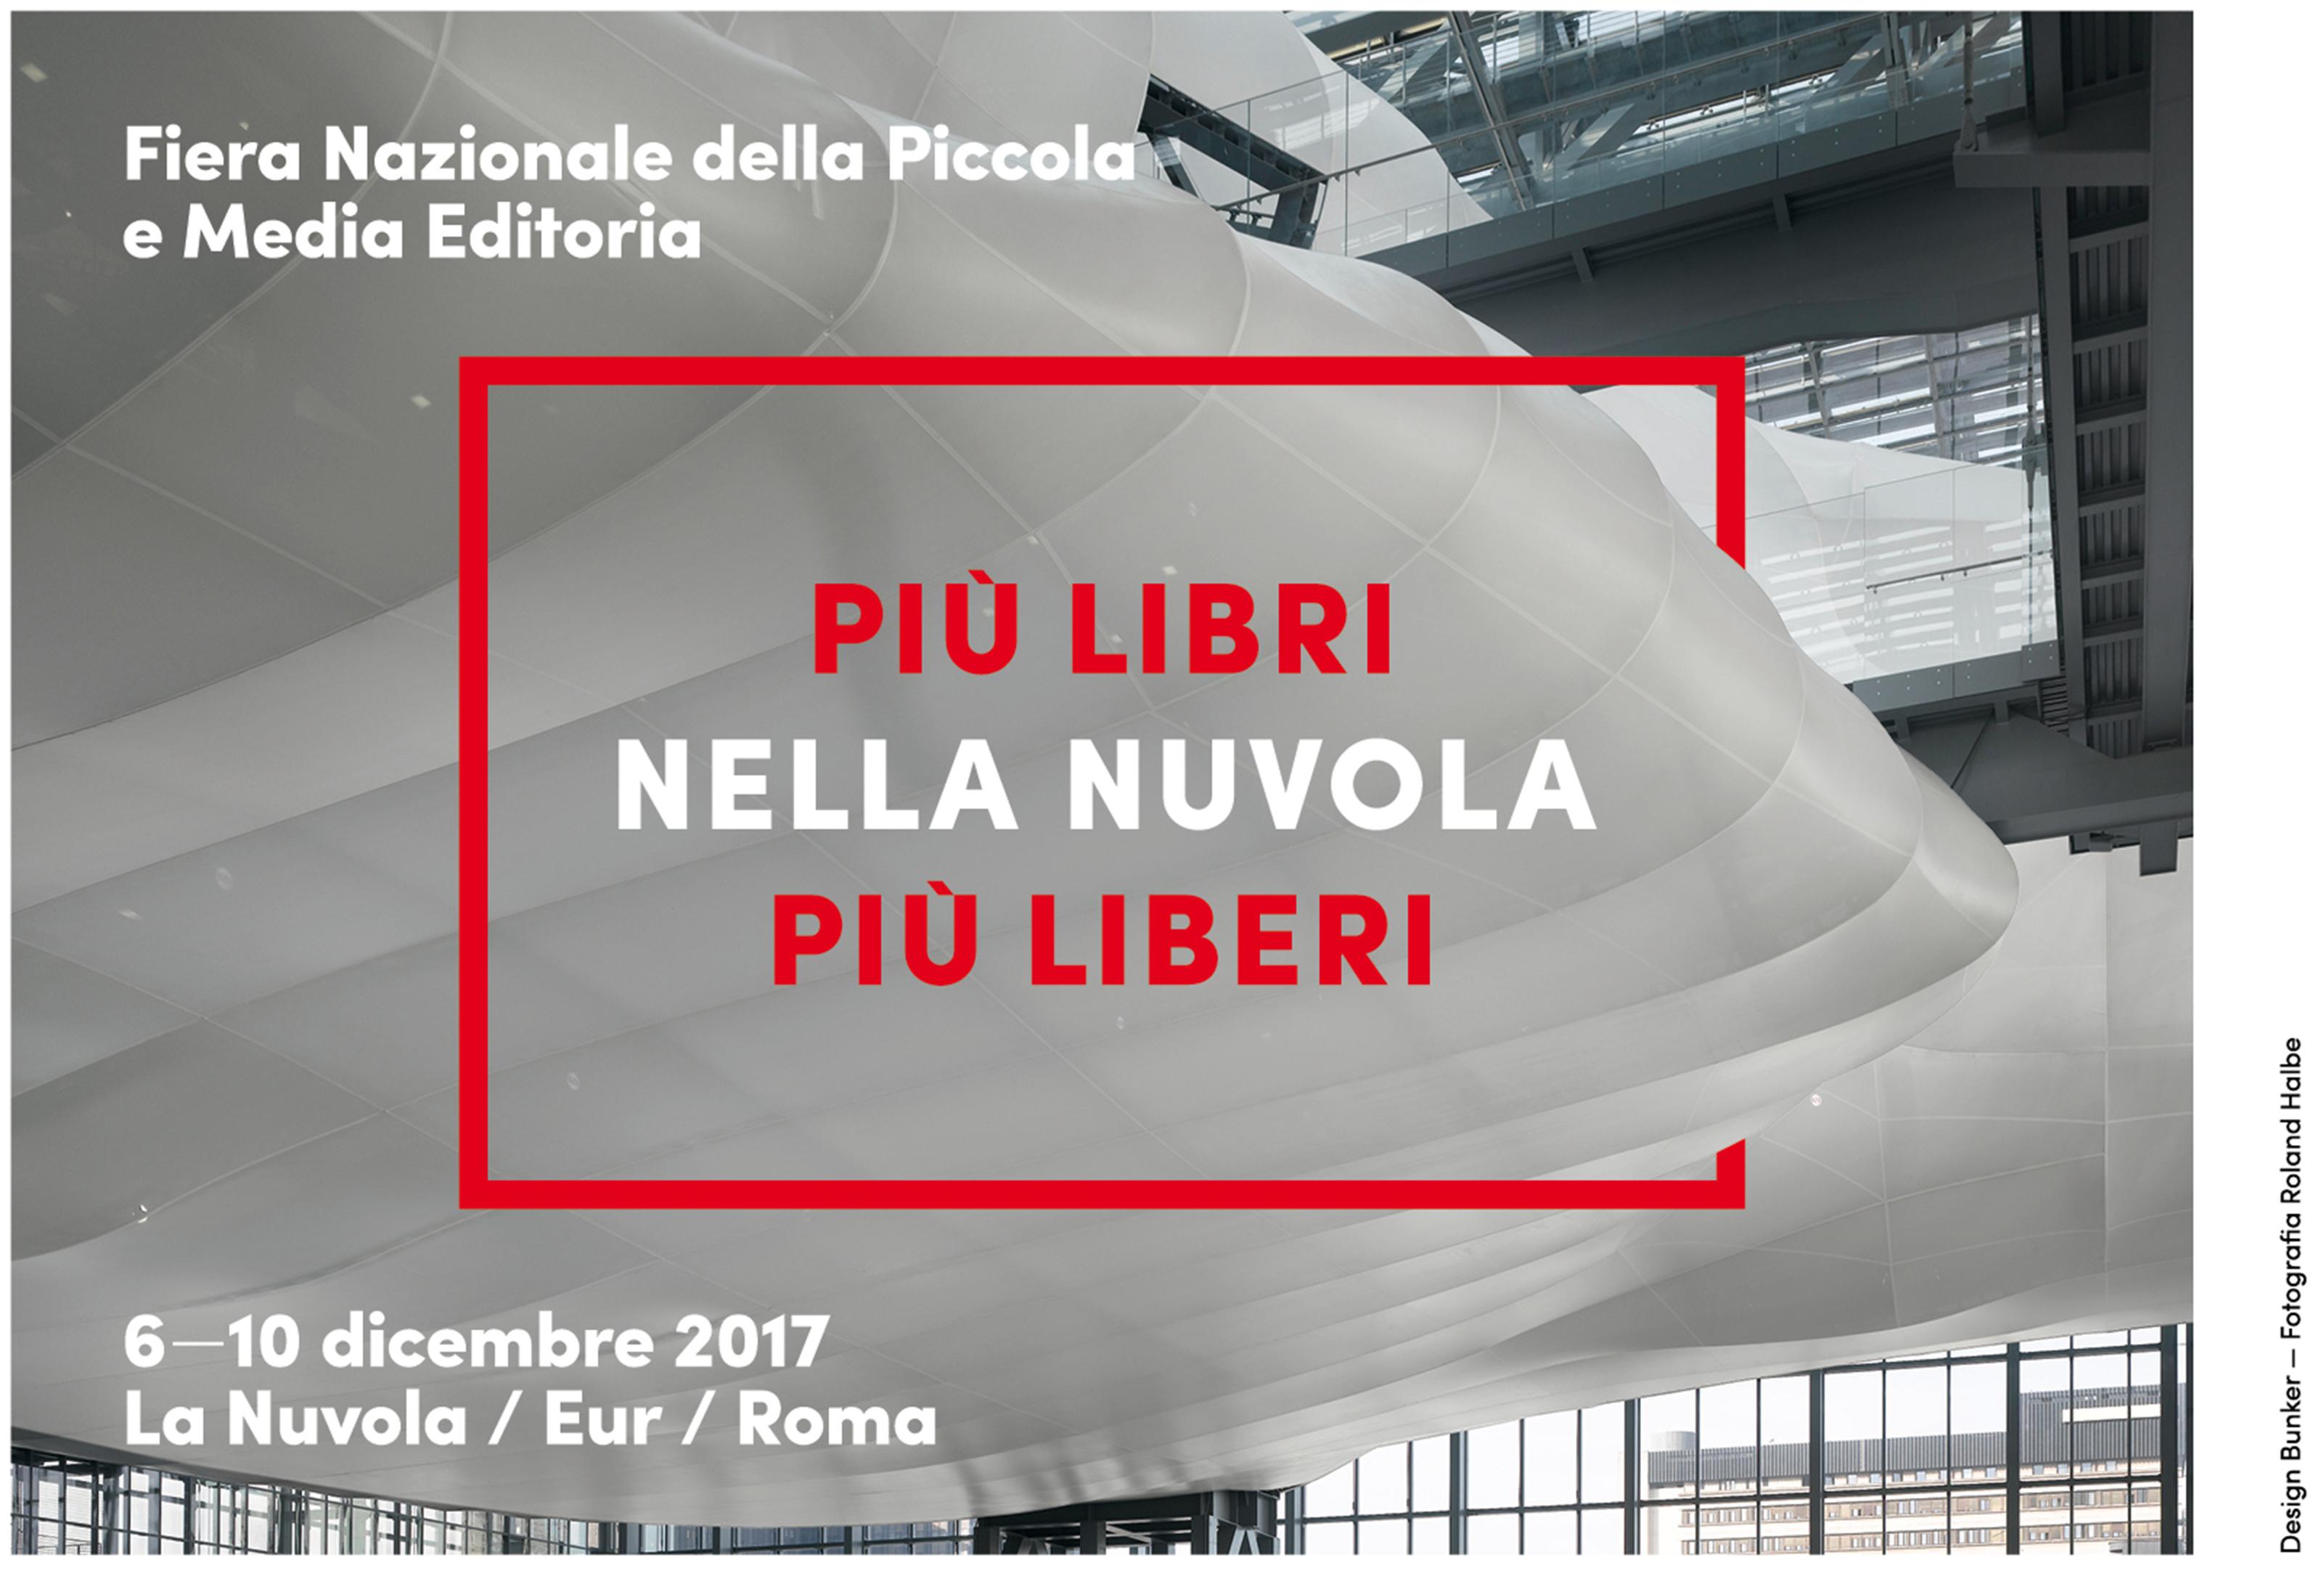 Risultati immagini per aie più libri più liberi a roma alla nuvola?